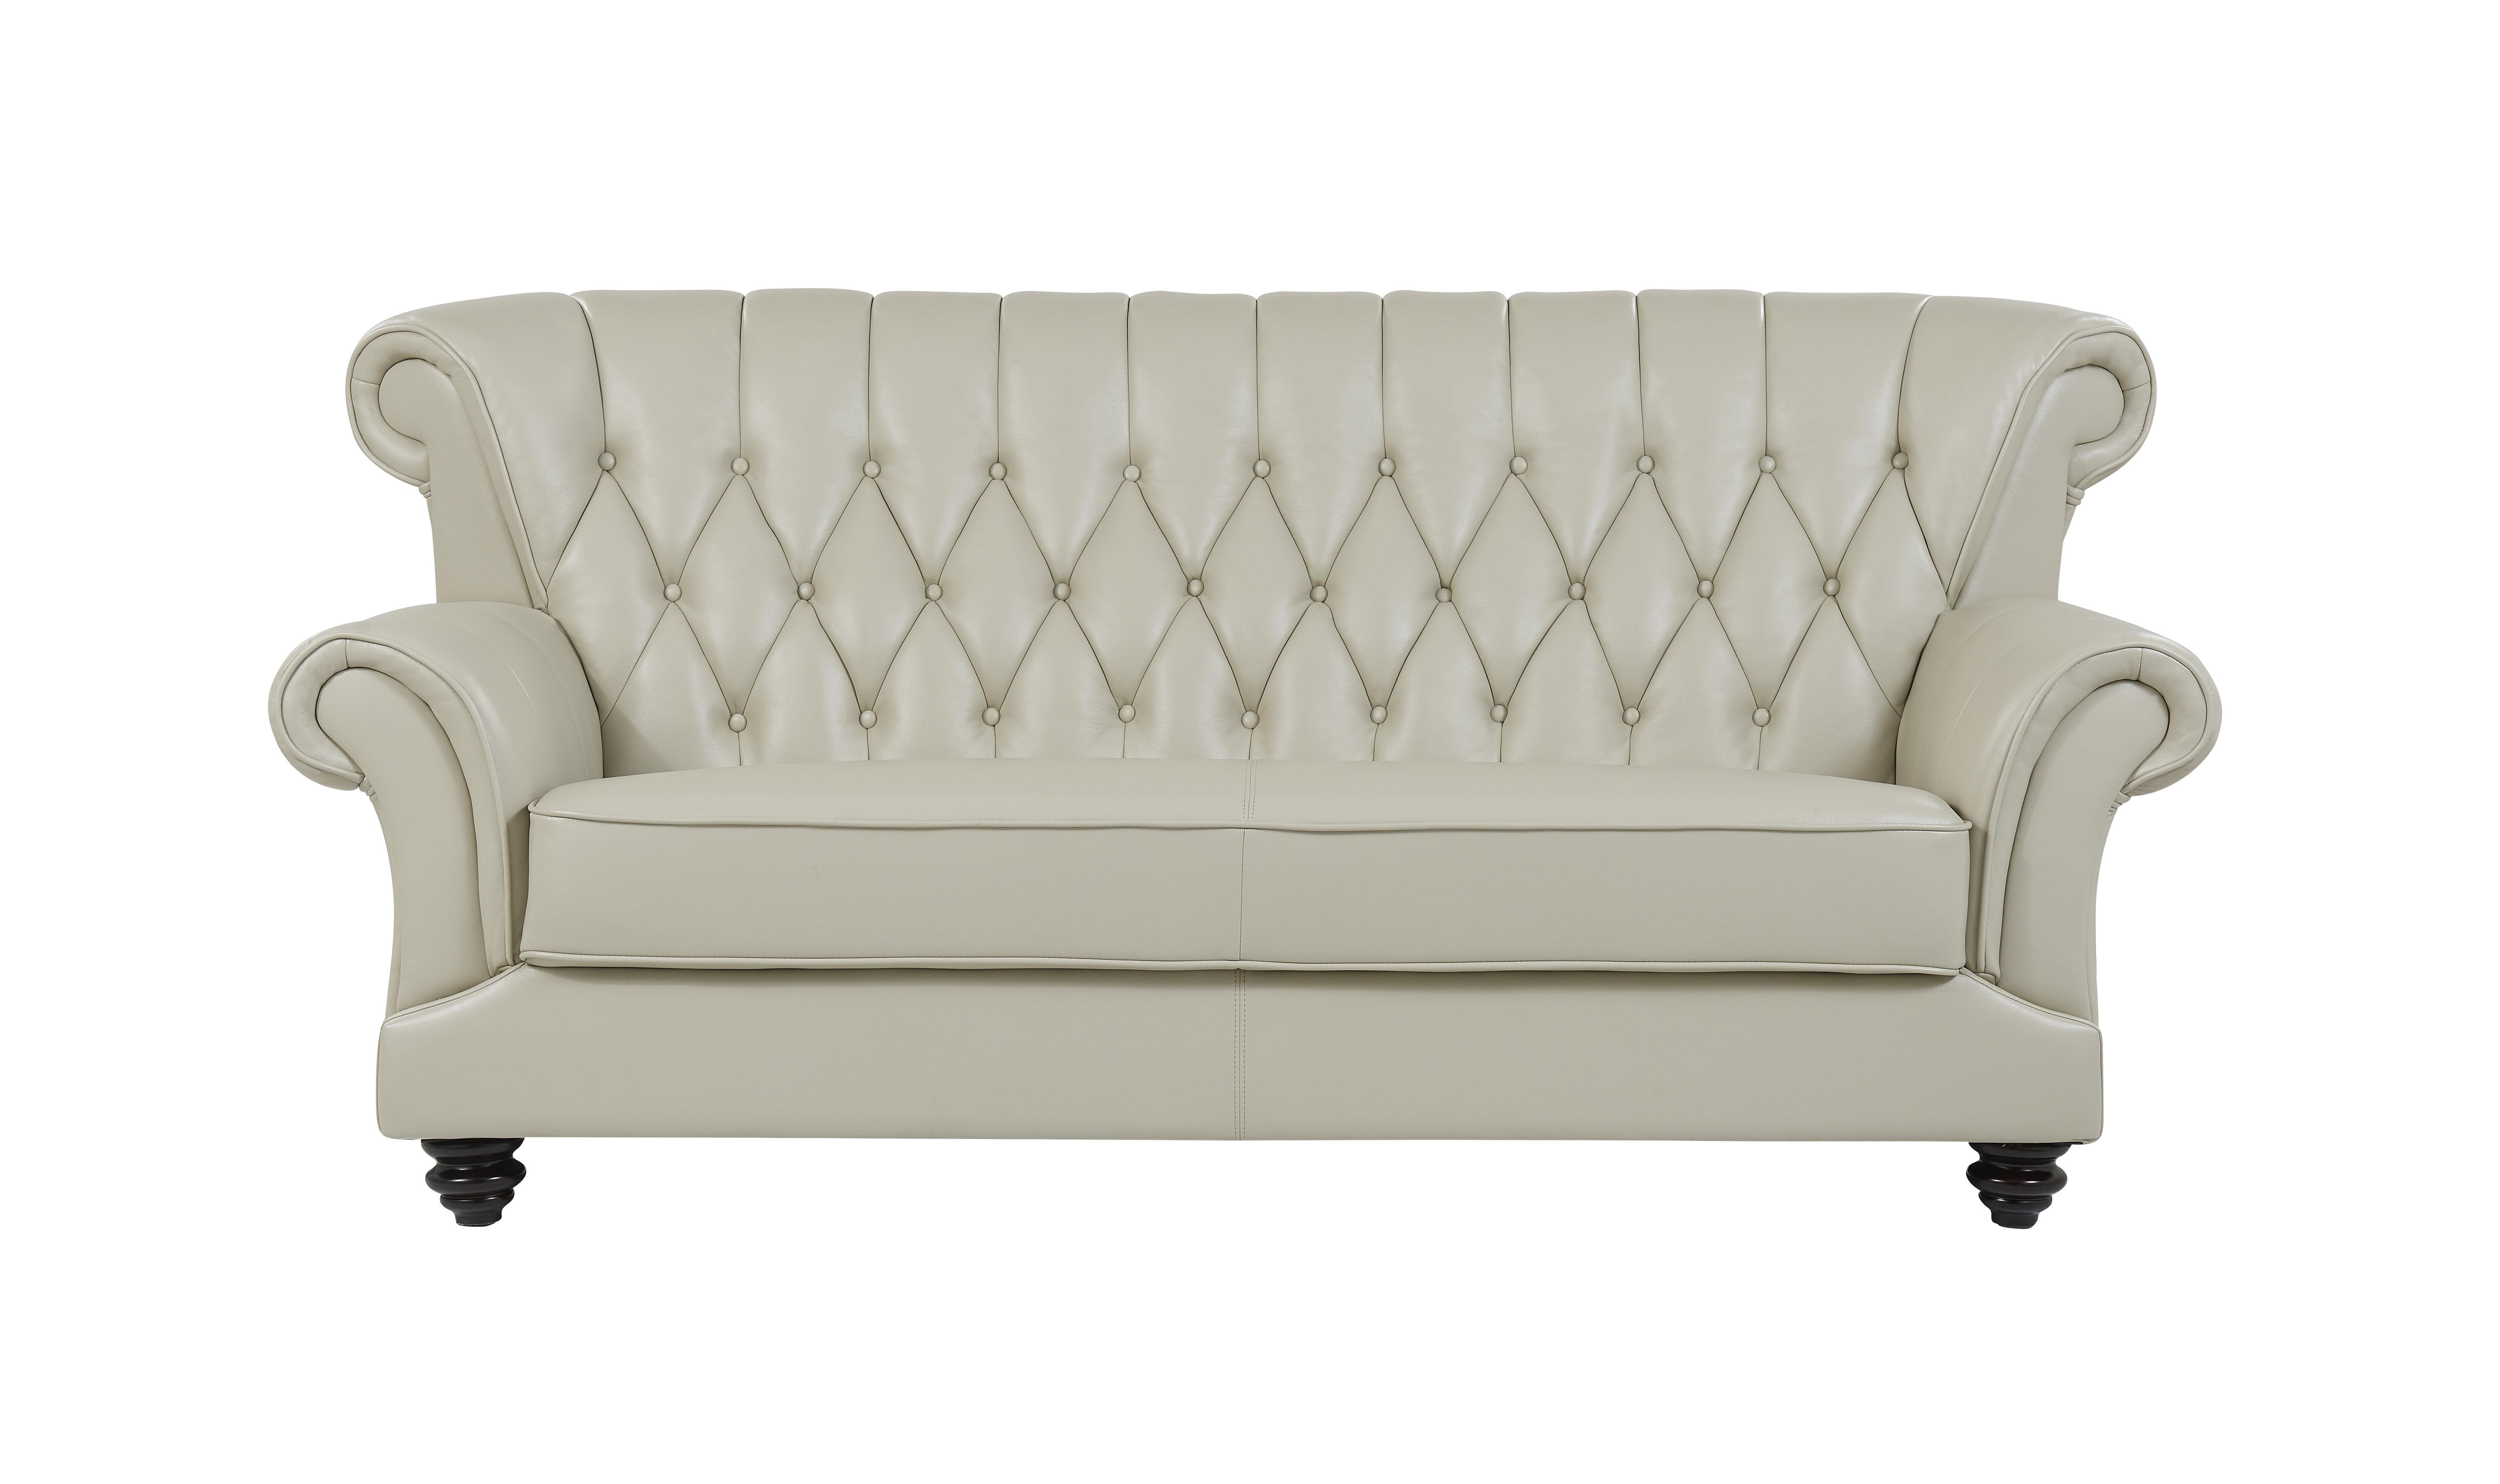 Alcott hill lipan tufted sofa wayfair